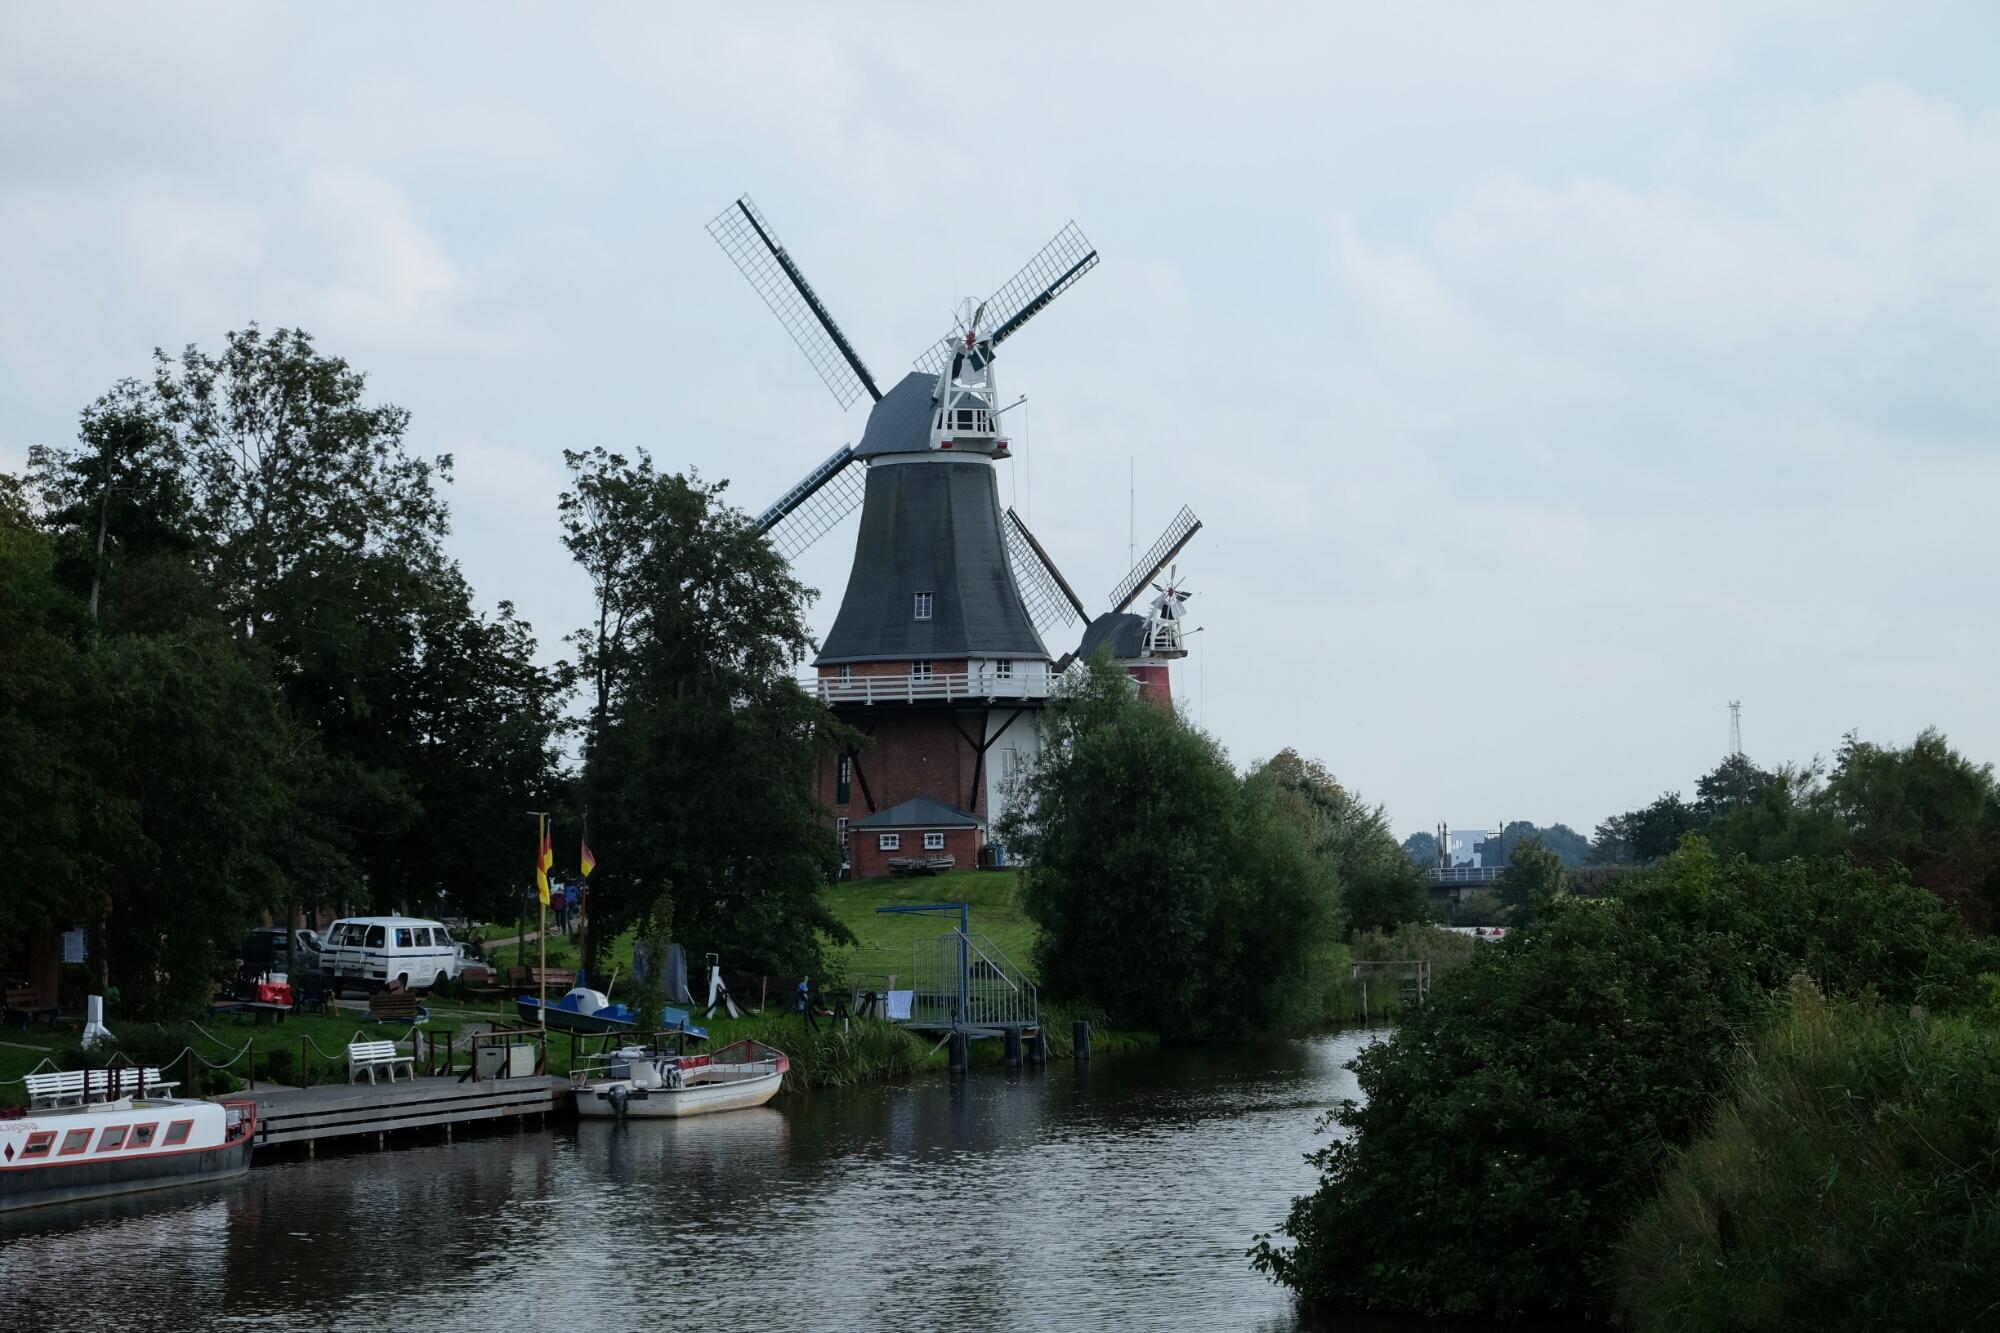 Windmühlen in Greetsiel (Gallerieholländer)